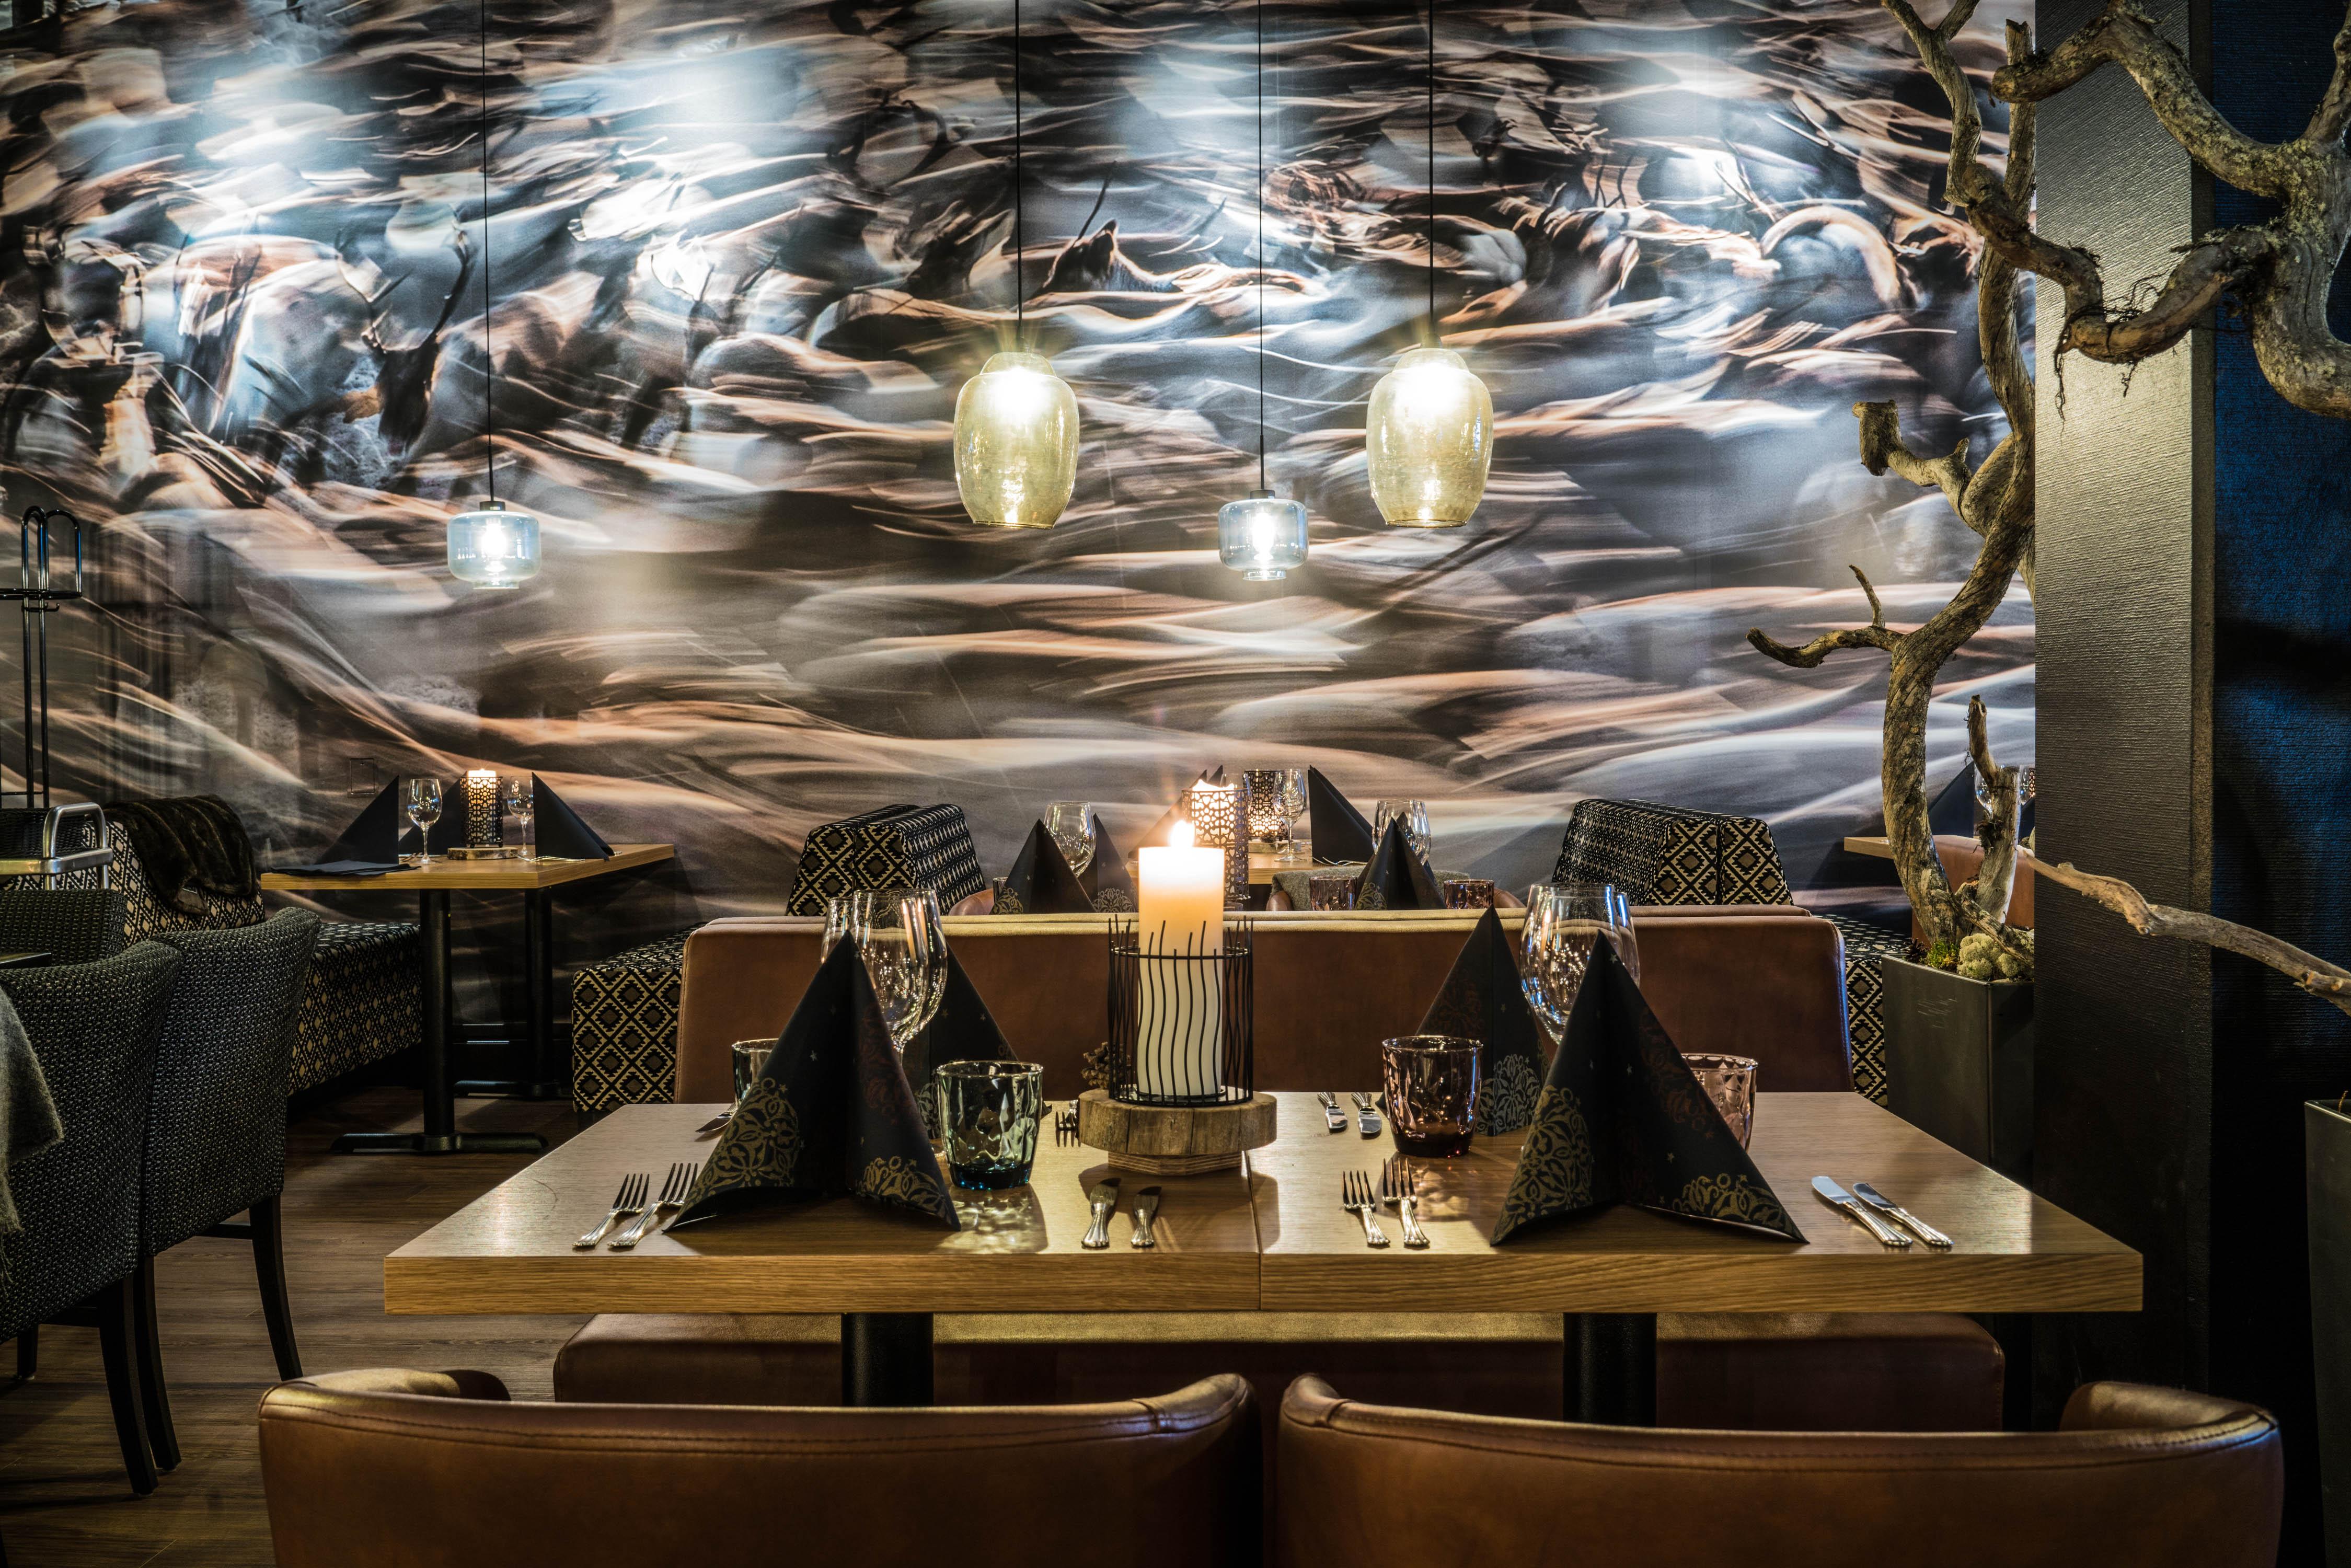 Lapland Hotels on yksi Antti Kurolan asiakkaista. Kuvat ovat osa sisustusta. Kuva: Antti Kurola.